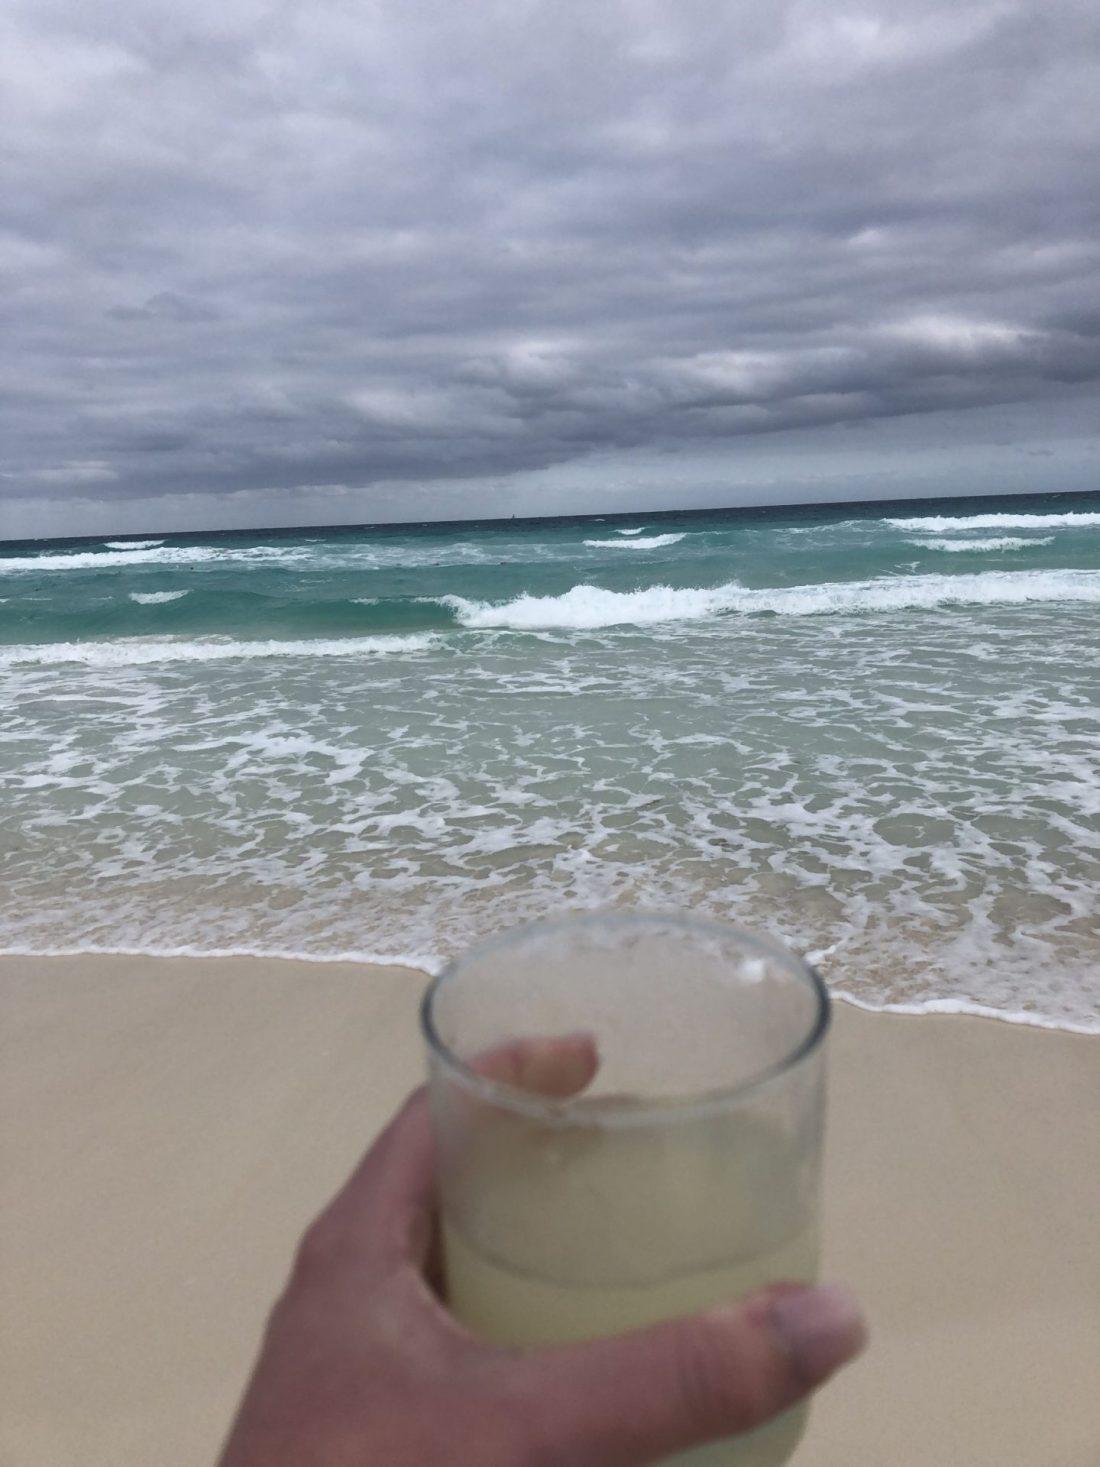 Margarita on the beach, Cancun